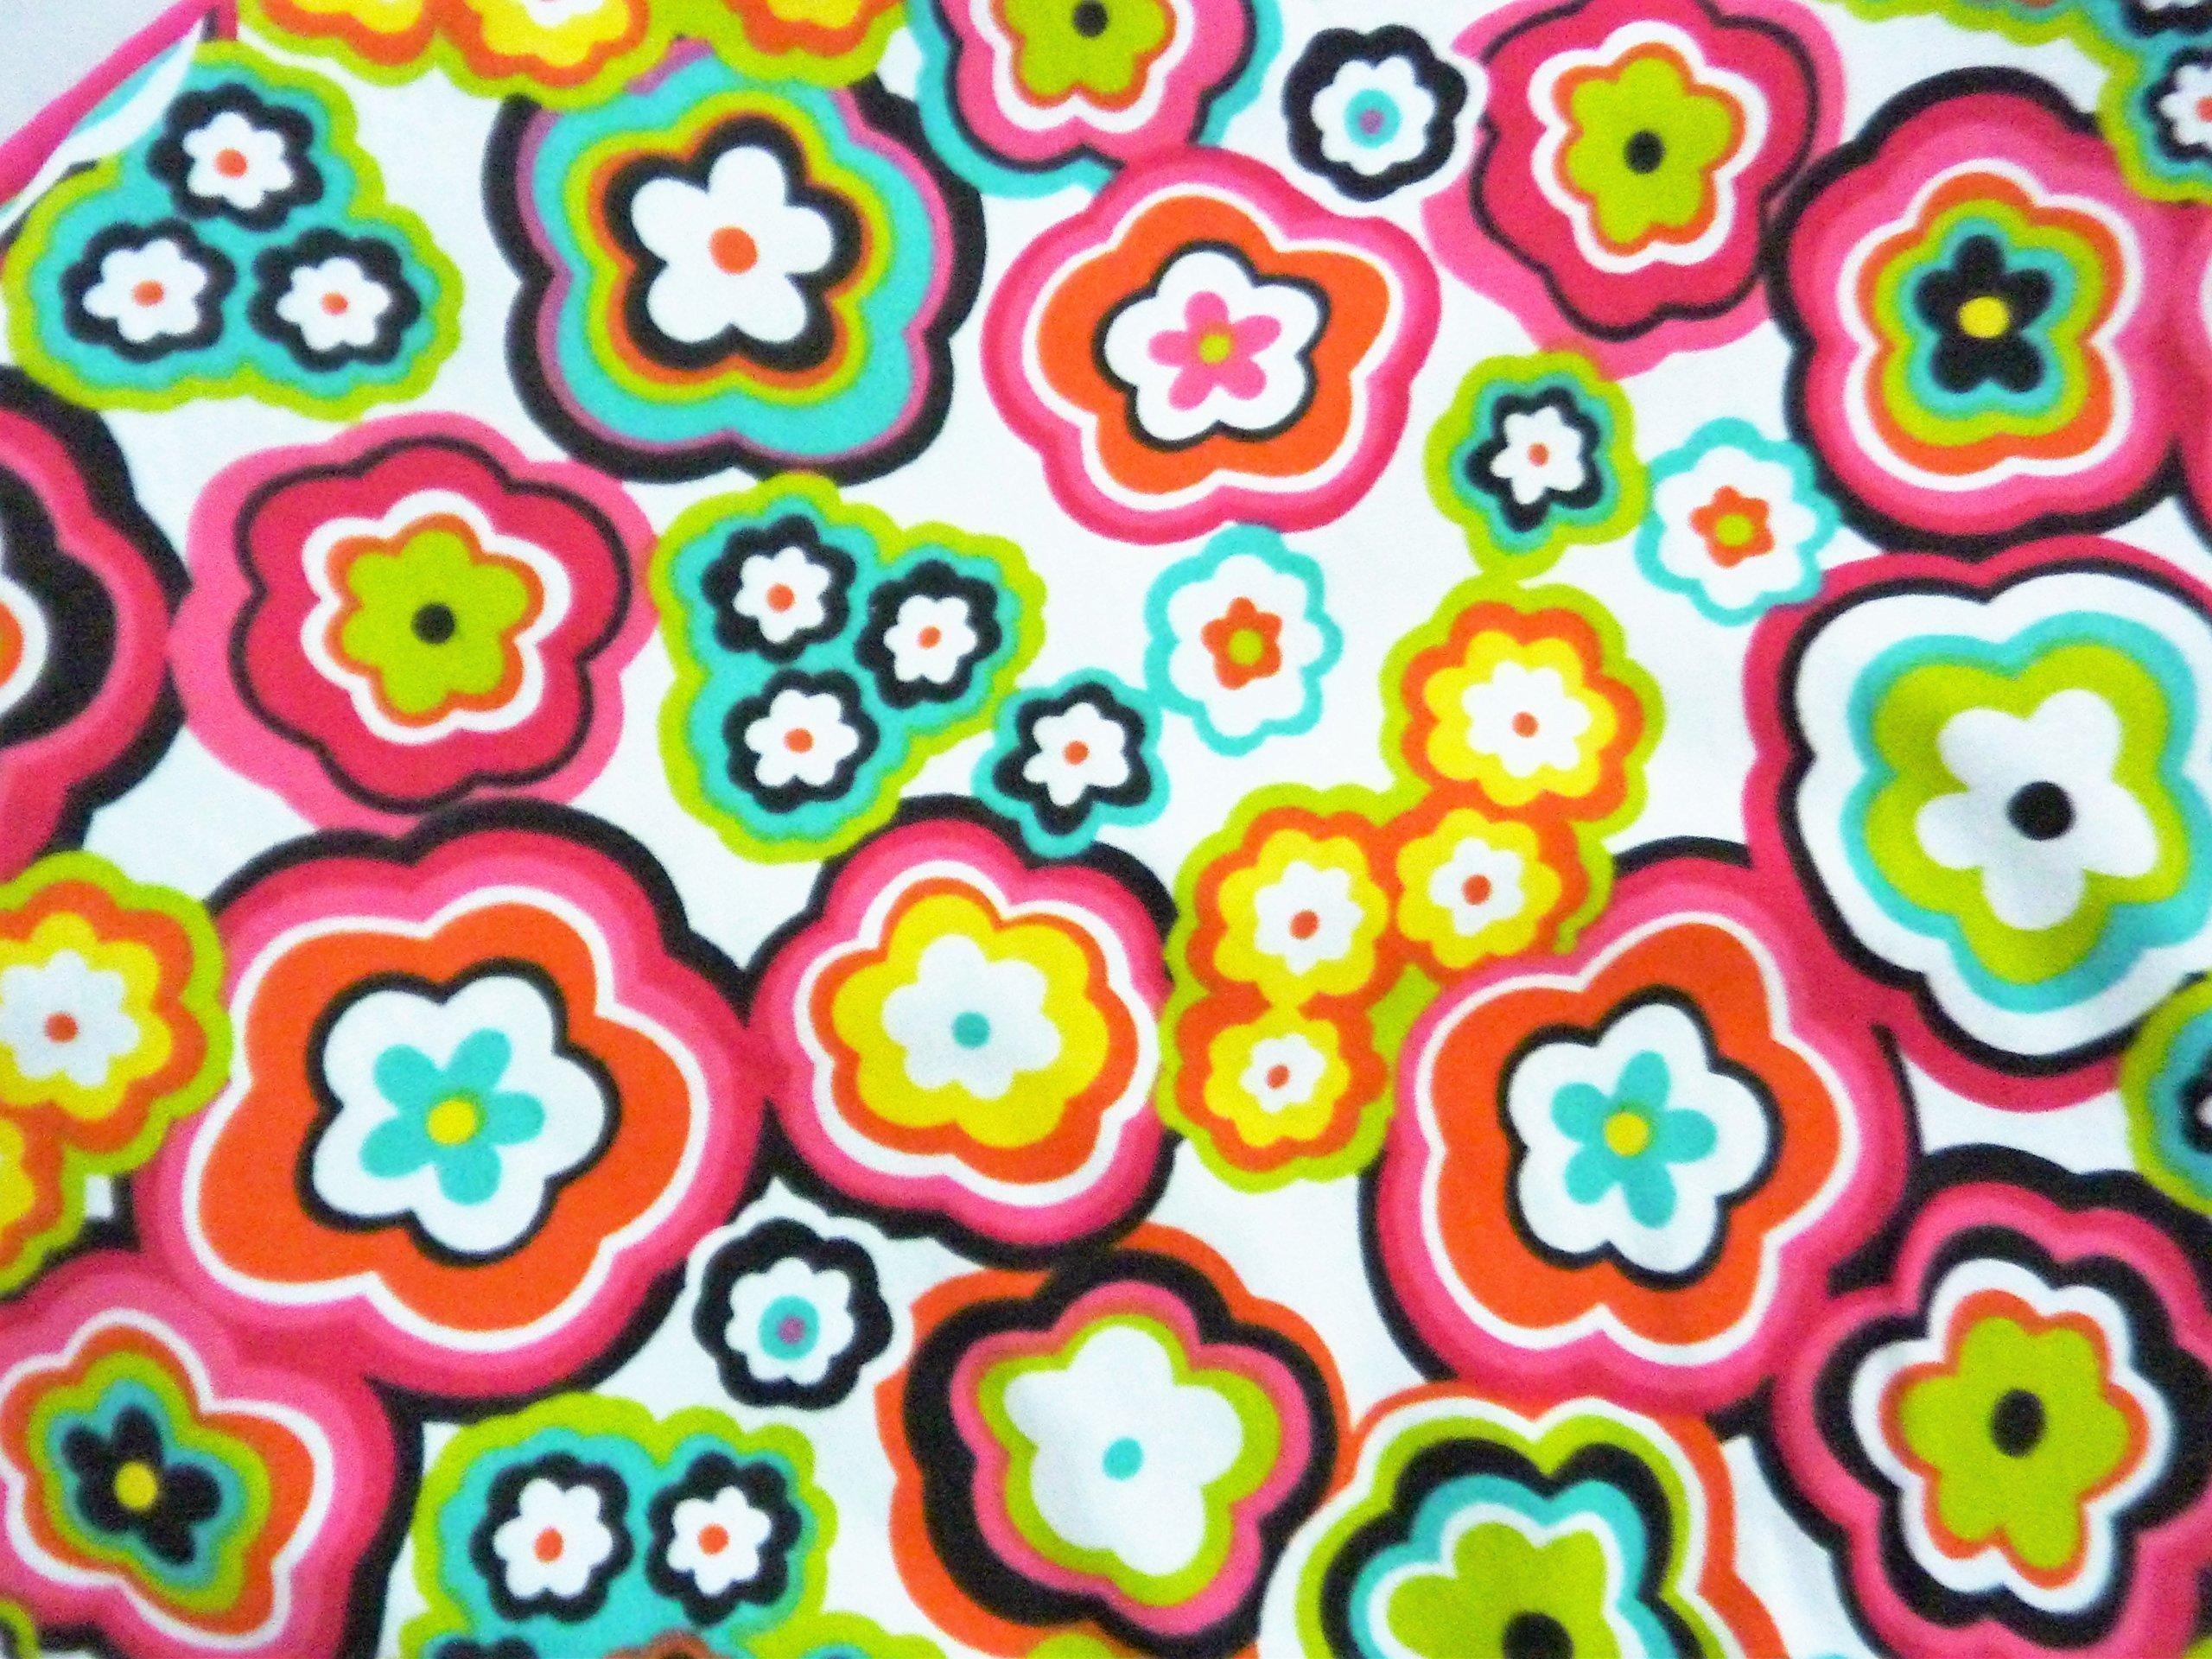 Nursing Pillow Slipcover Flower Print